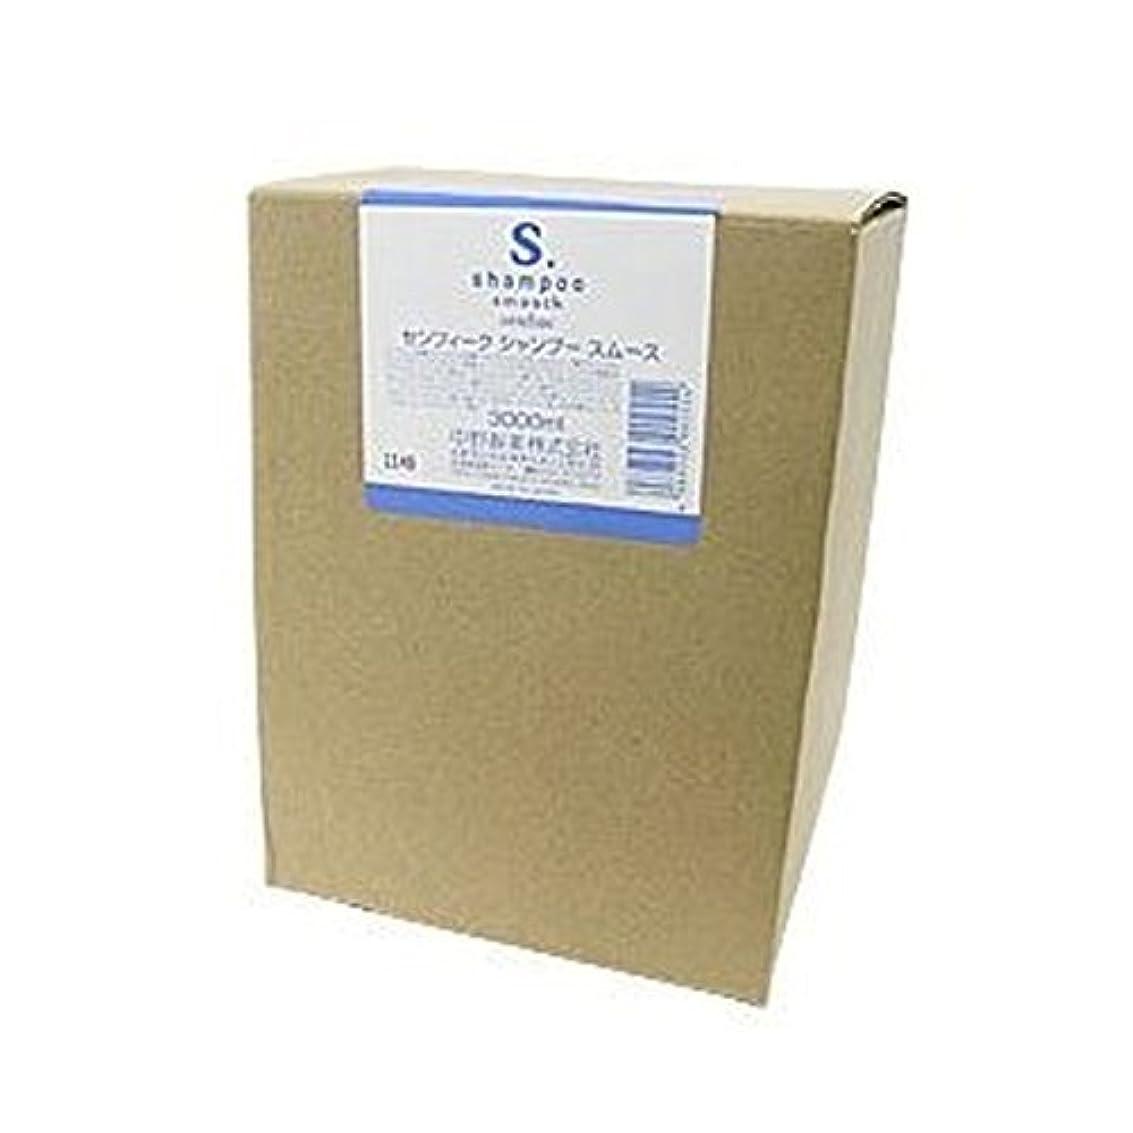 引き算急行する顕現中野製薬 センフィーク シャンプー スムース 10L